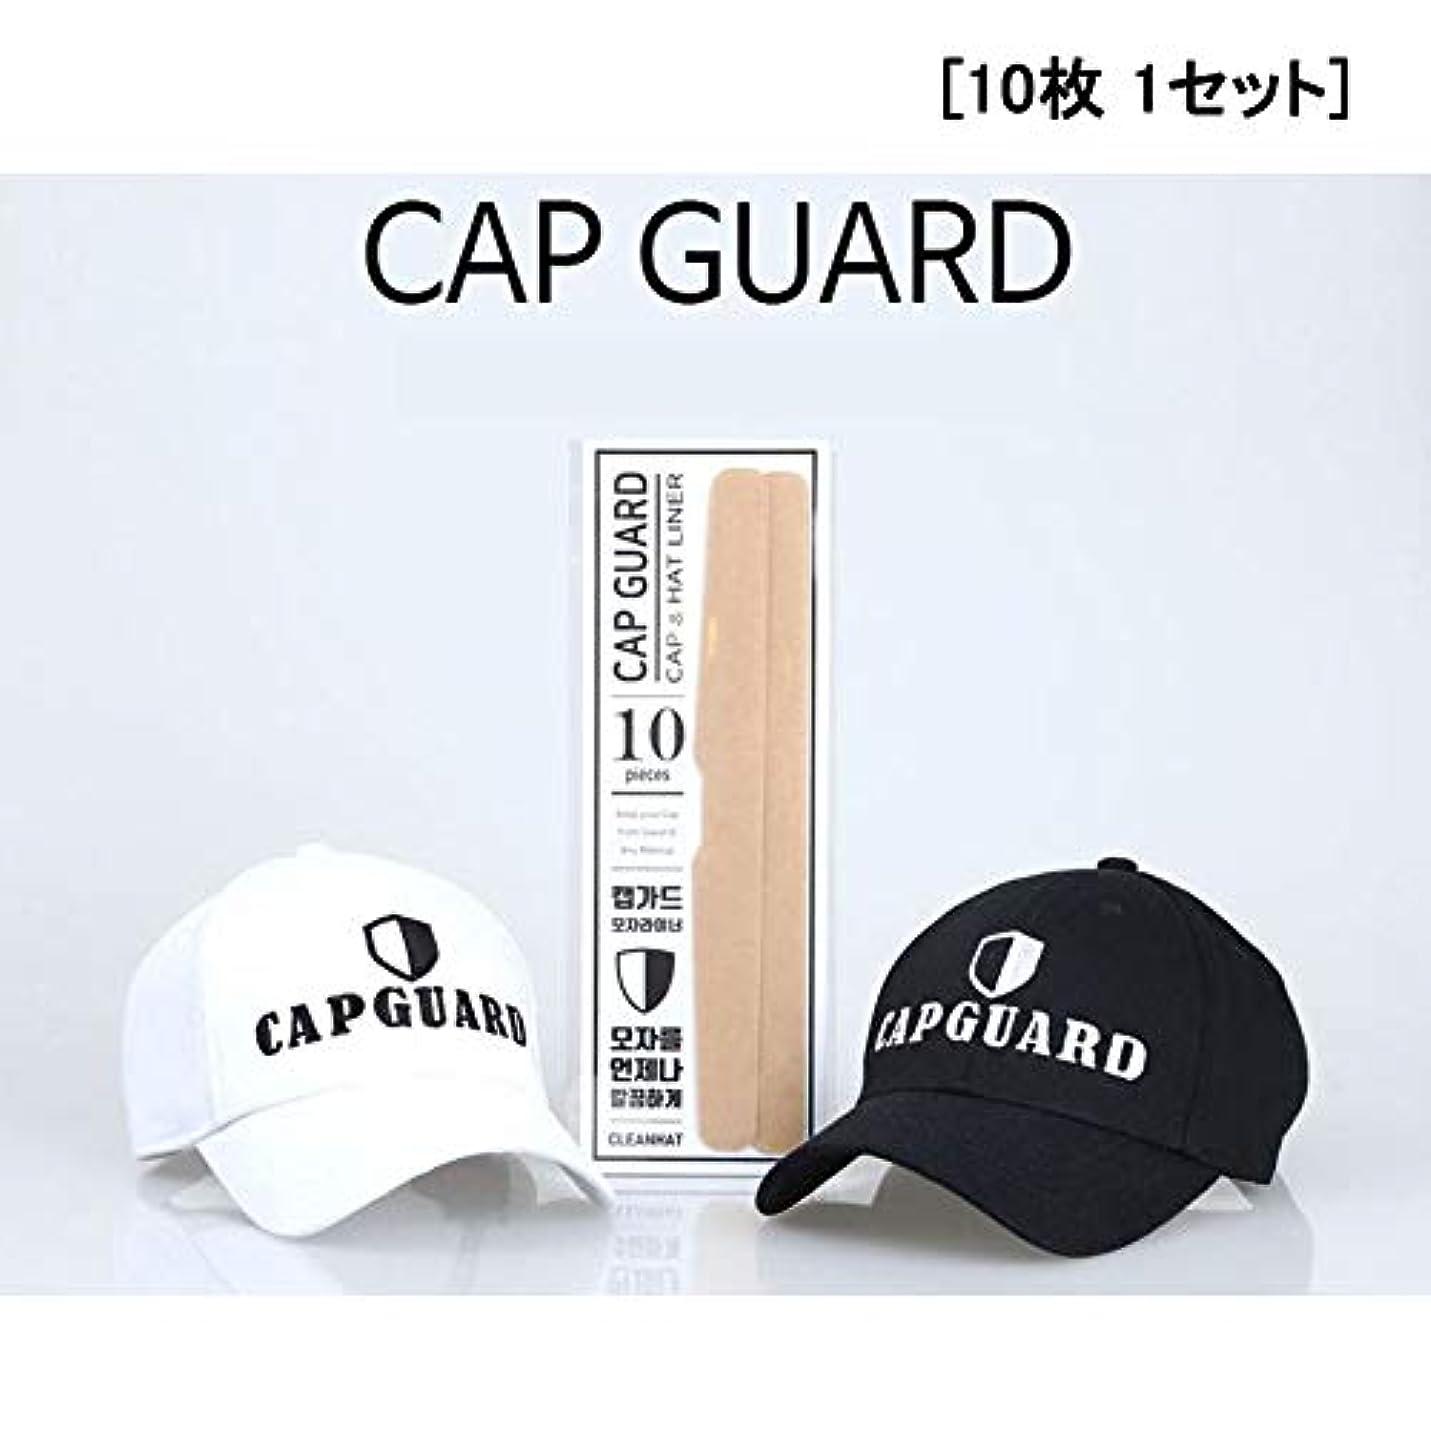 減少限りなくしない【クリーンキャップ]帽子汗吸収パッド/接着良く、より長く良いCAP GUARD 10枚 1SET /280 X30jmm(4g)/汗の吸収力も優れた帽子ライナー[並行輸入品] (10枚 1セット)